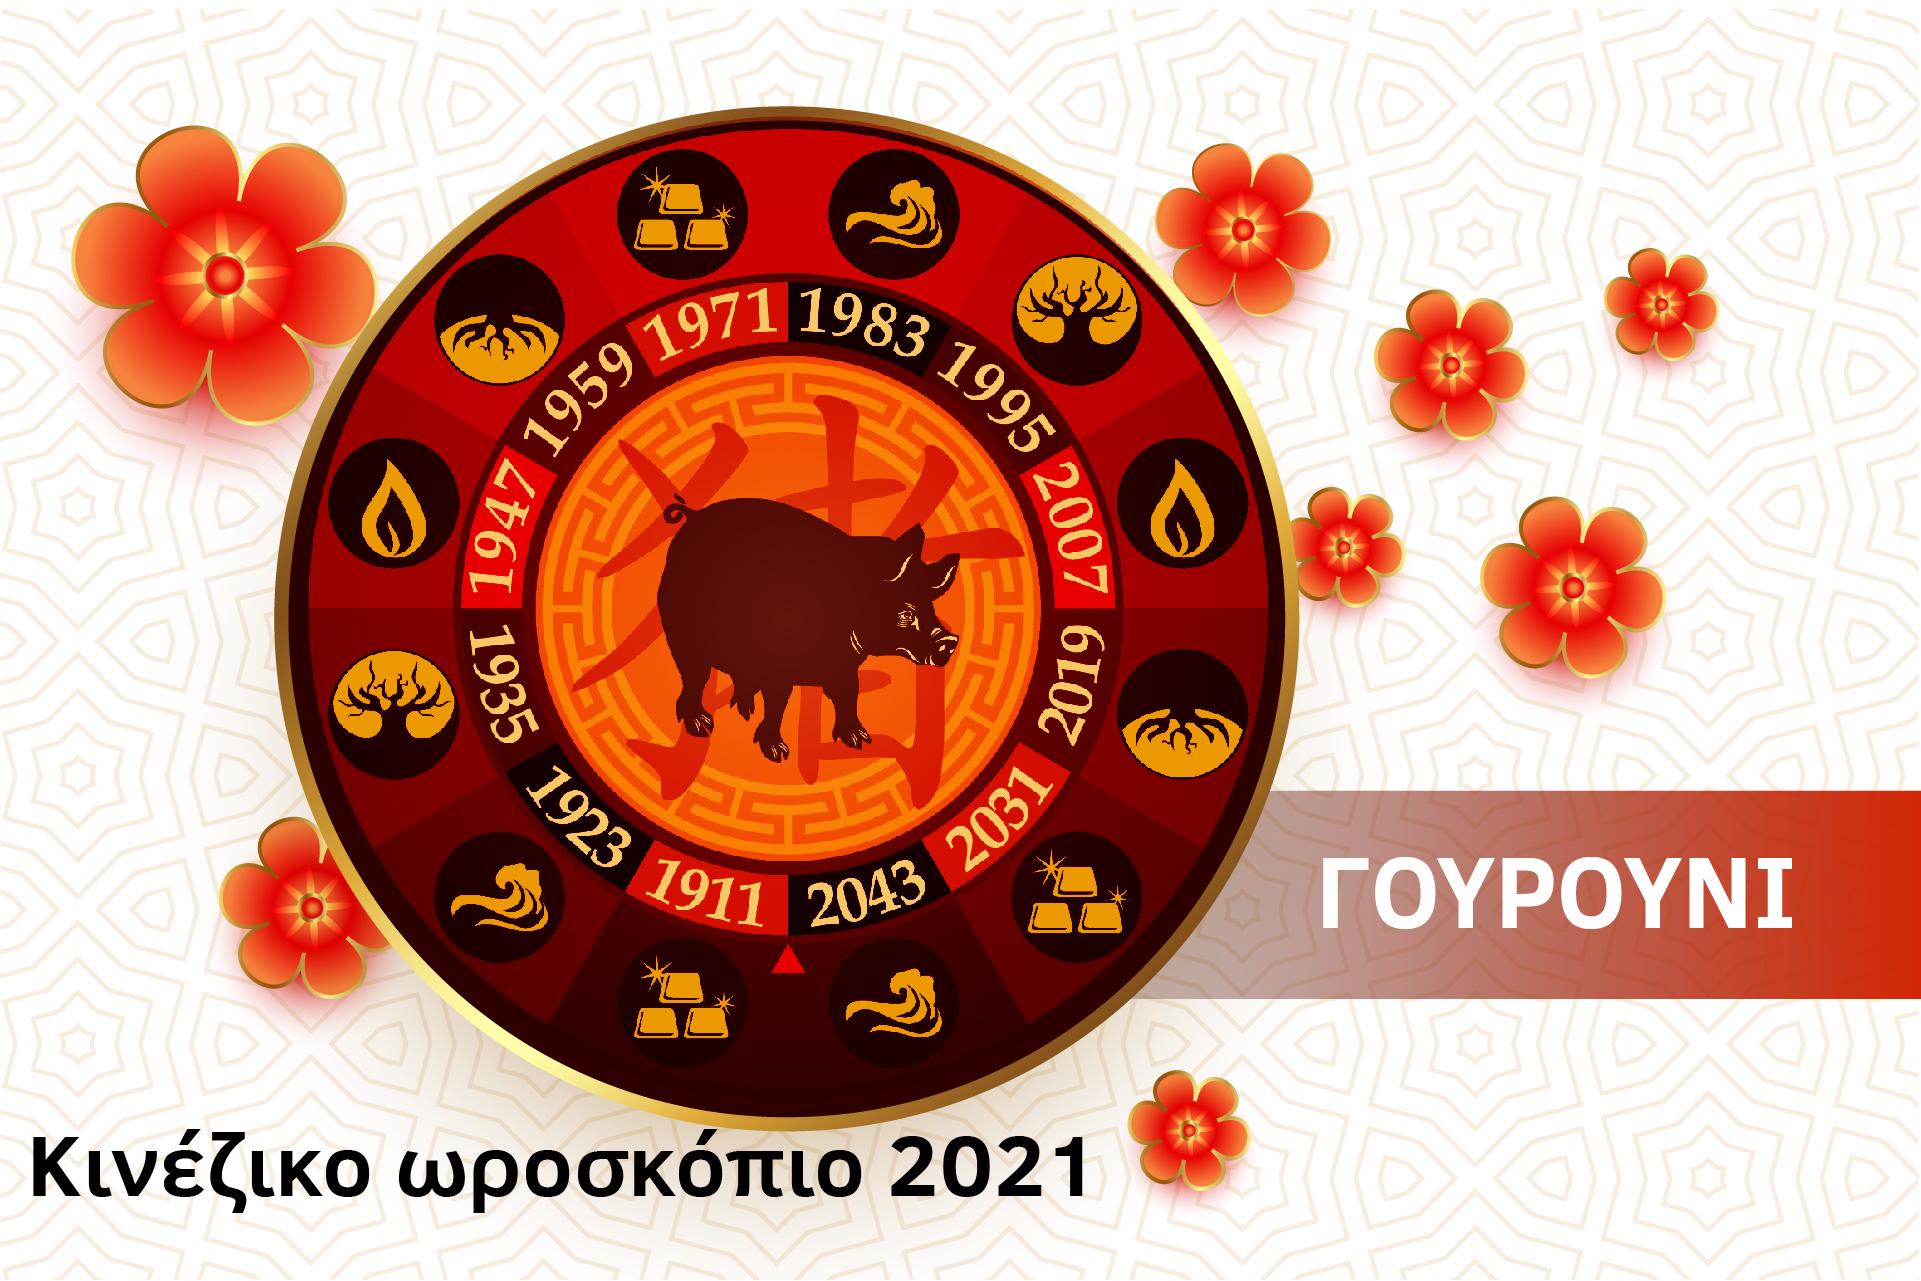 Γουρούνι 2021 – Κινέζικο Ωροσκόπιο